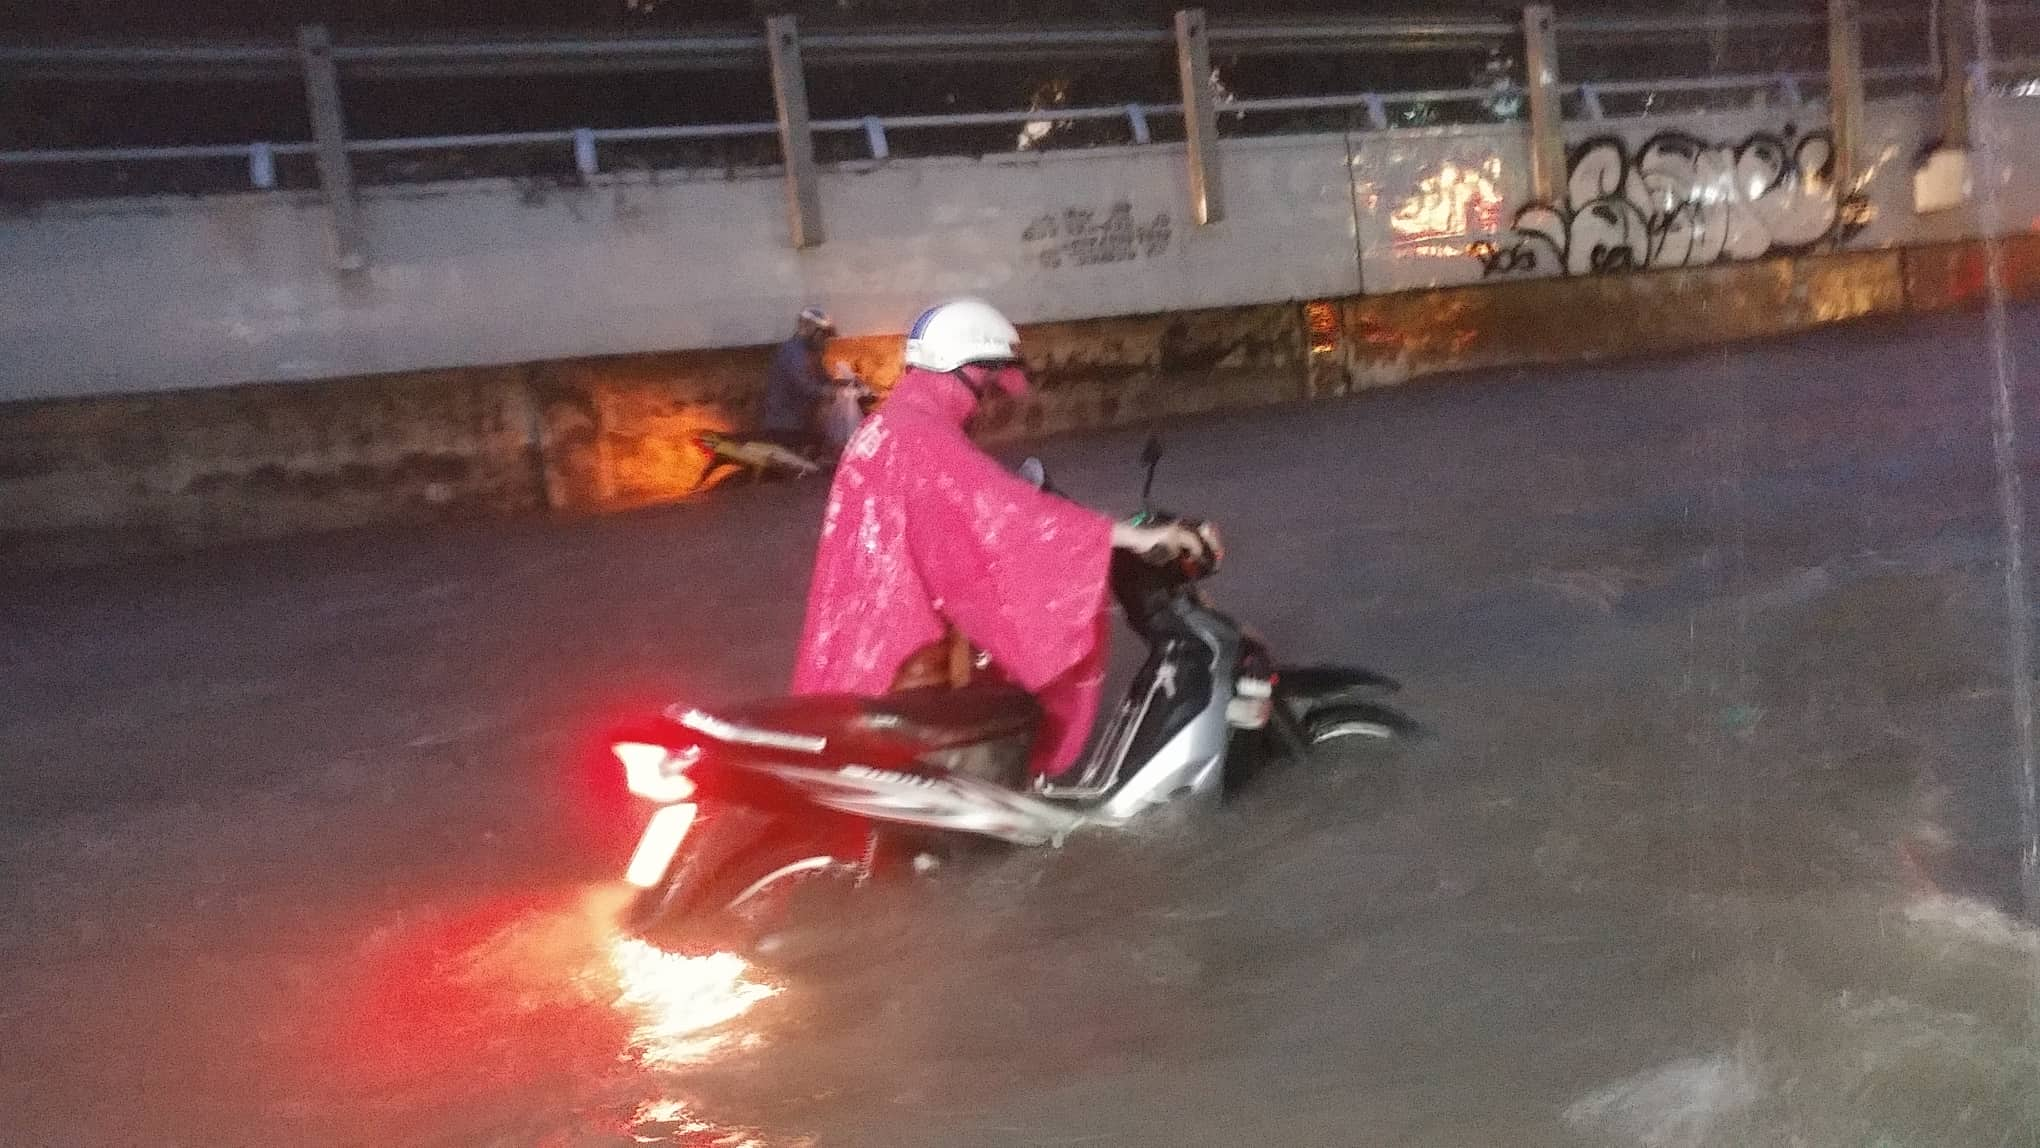 Sài Gòn ngập kinh hoàng, cây ngã đè người đi xe máy tử vong trong tâm bão - Ảnh 7